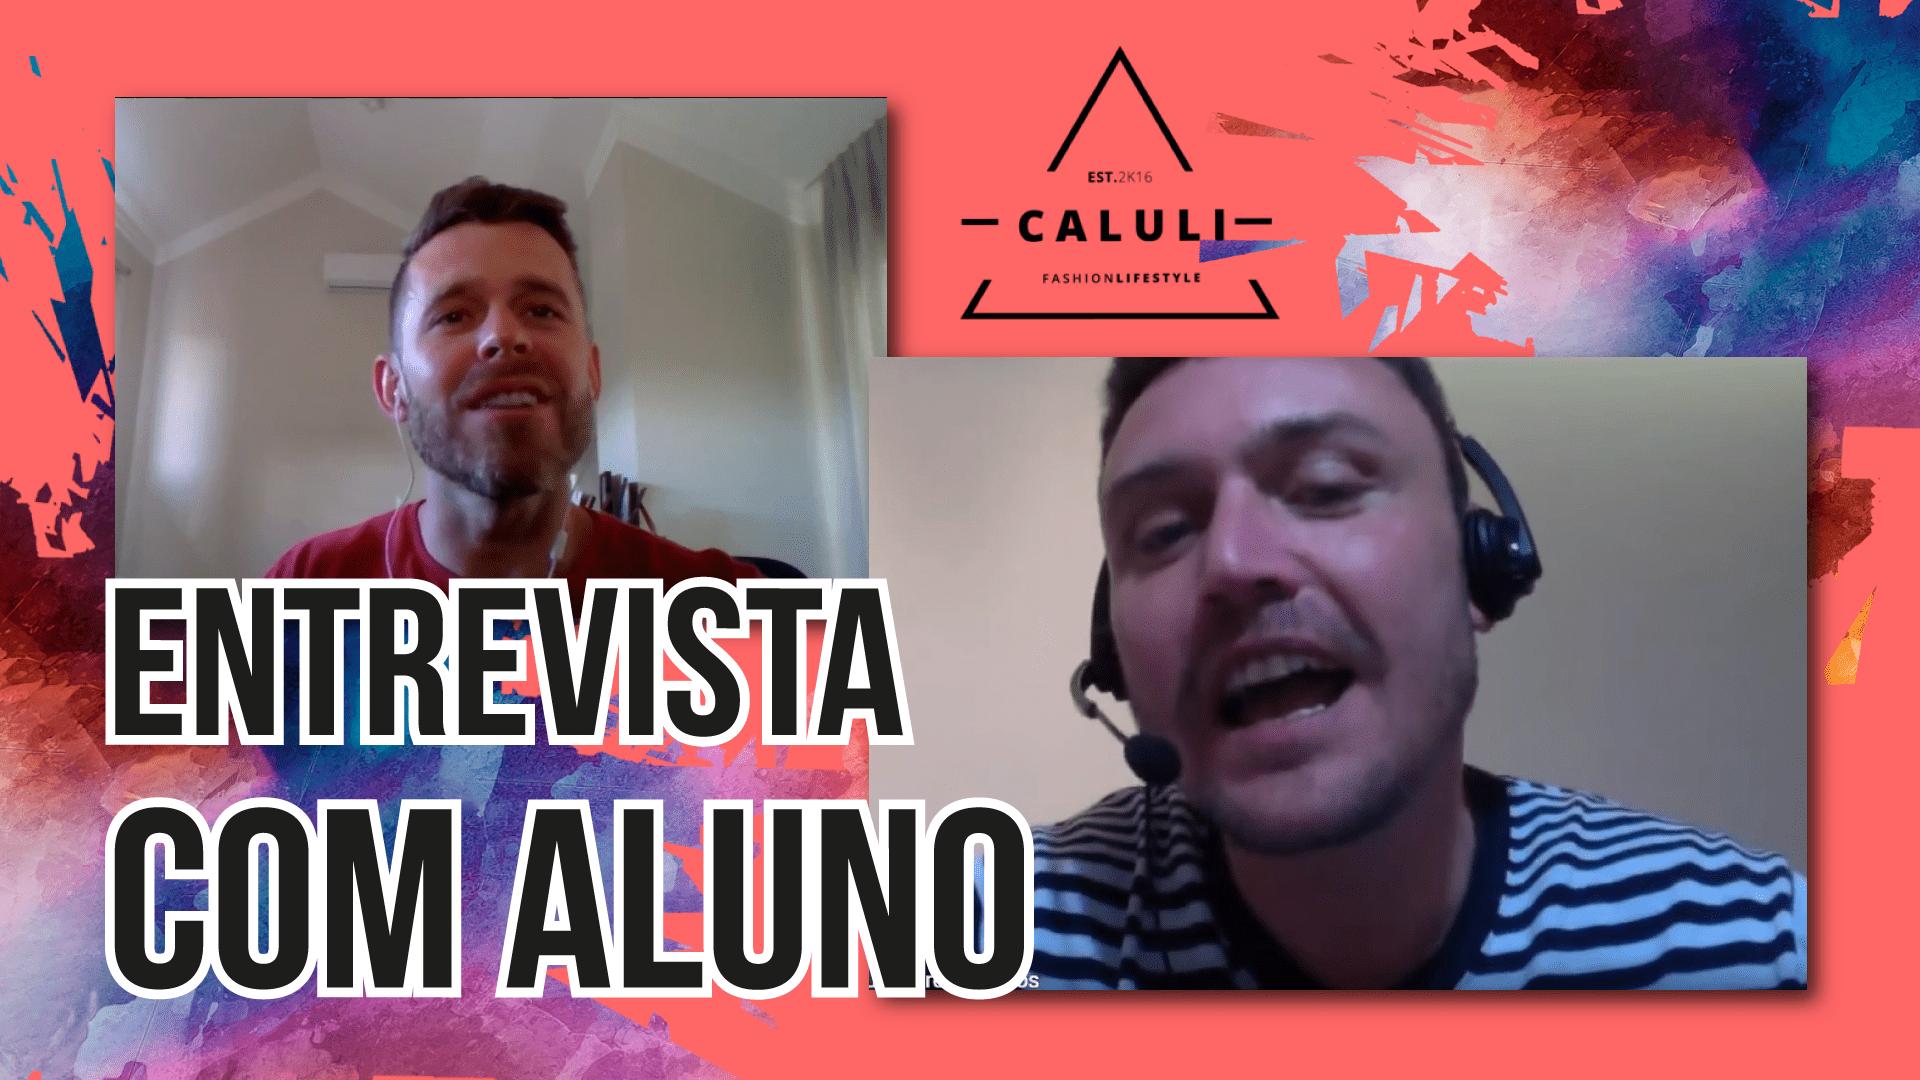 Entrevista com Rodrigo Feldman da Caluli Store / Vista Sampa